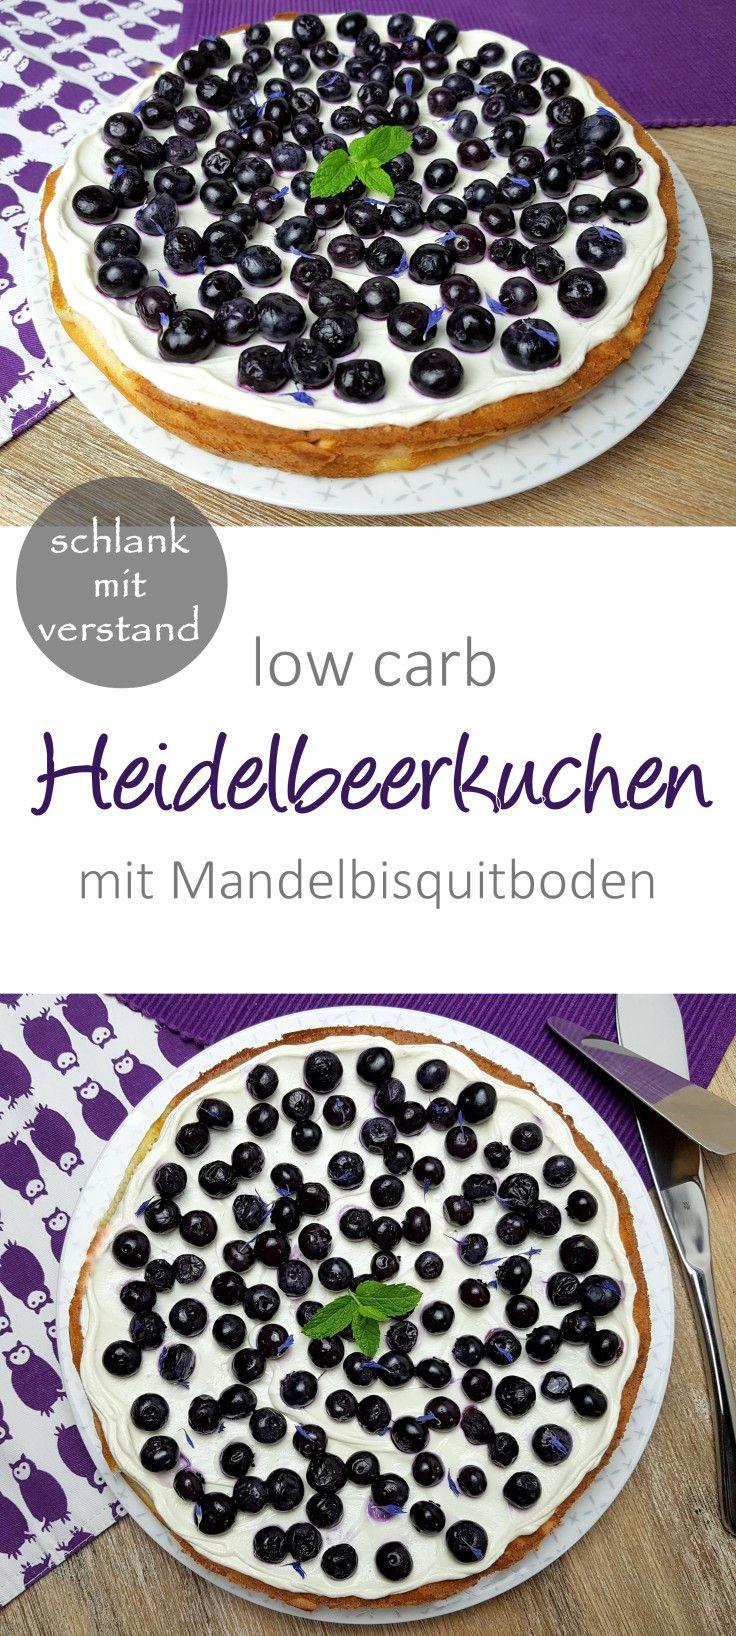 Low Carb Heidelbeerkuchen mit Mandelbisquitboden